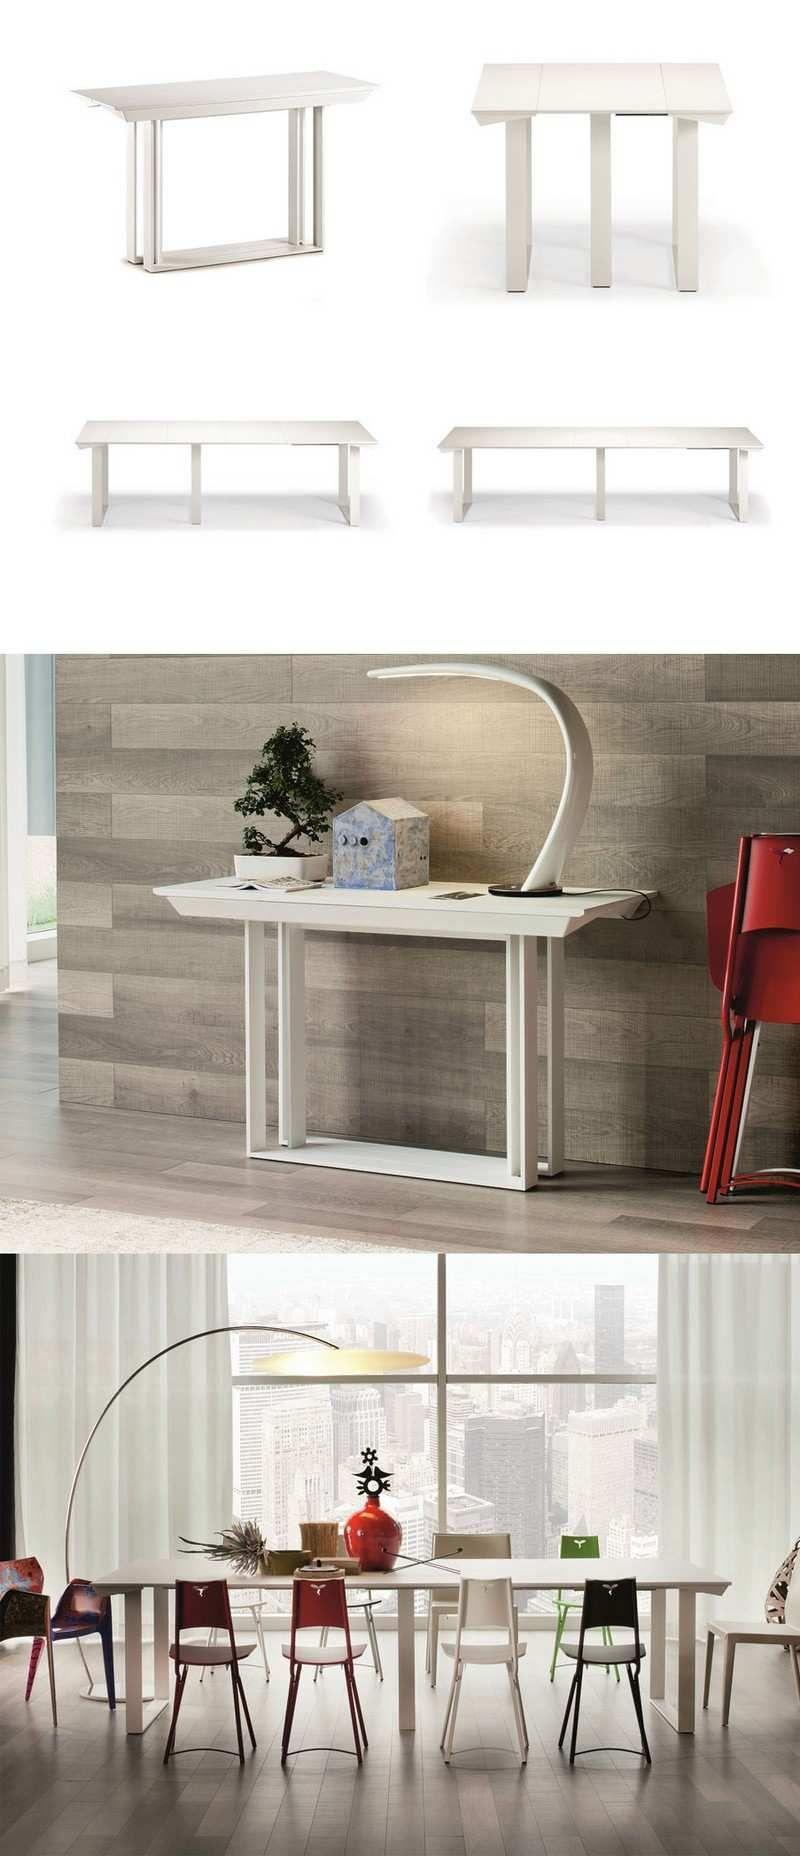 Table Gain De Place Idées Pliantes Rabattables Ou Gigogne - Console extensible blanc laque pour idees de deco de cuisine